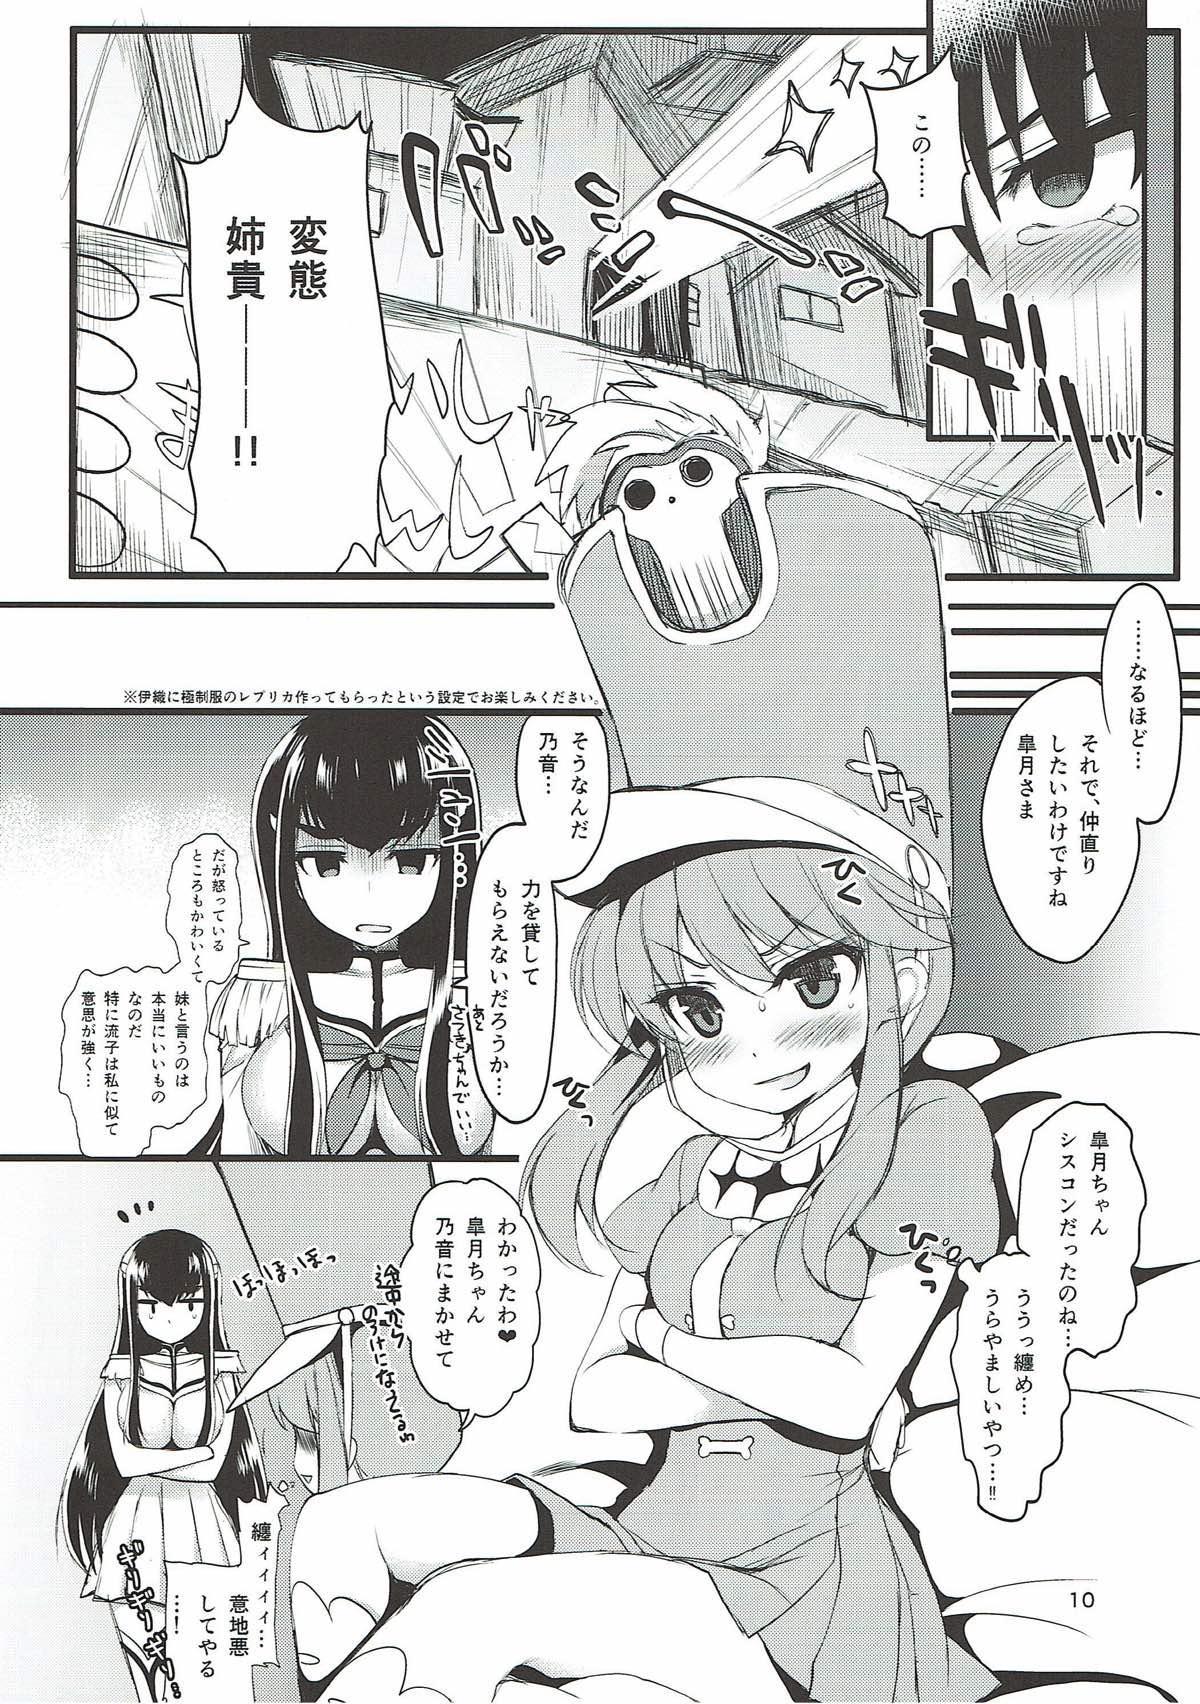 Yuri la Kill 9